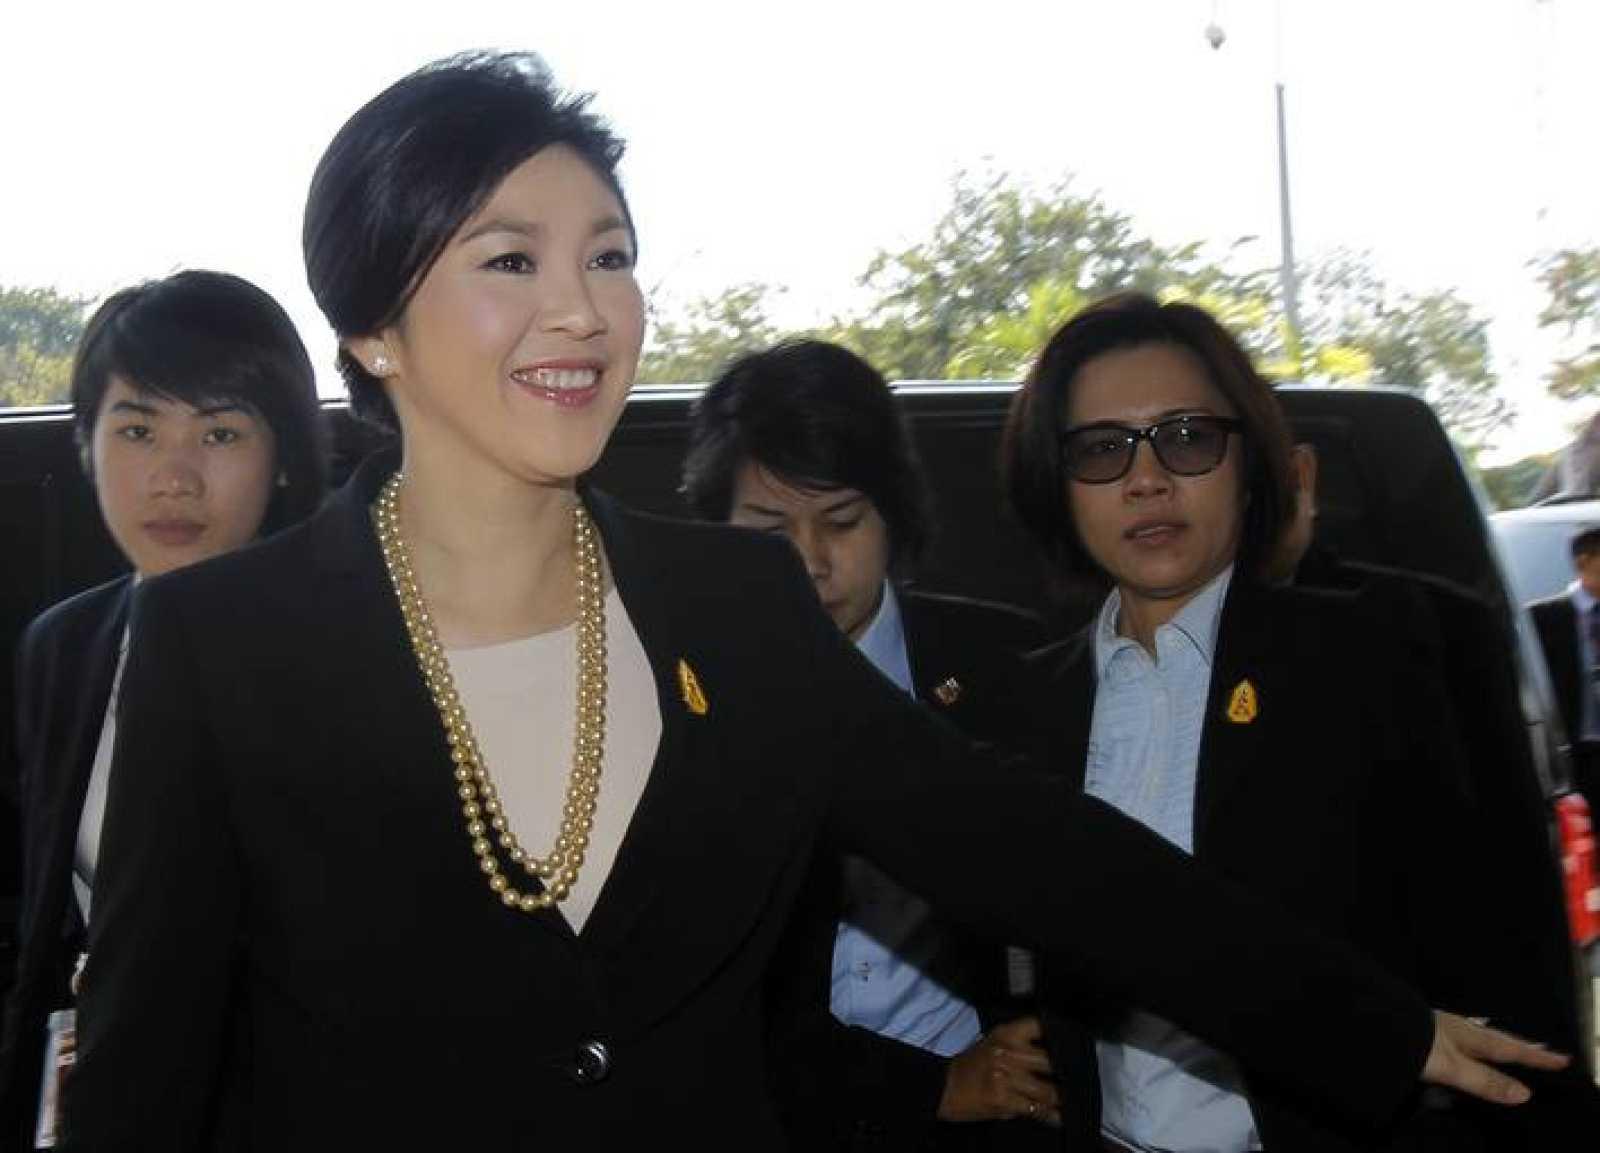 La primera ministro Yingluck Shinawatra sonríe en su llegada al Parlamento para enfrentarse a la moción de censura que ha superado